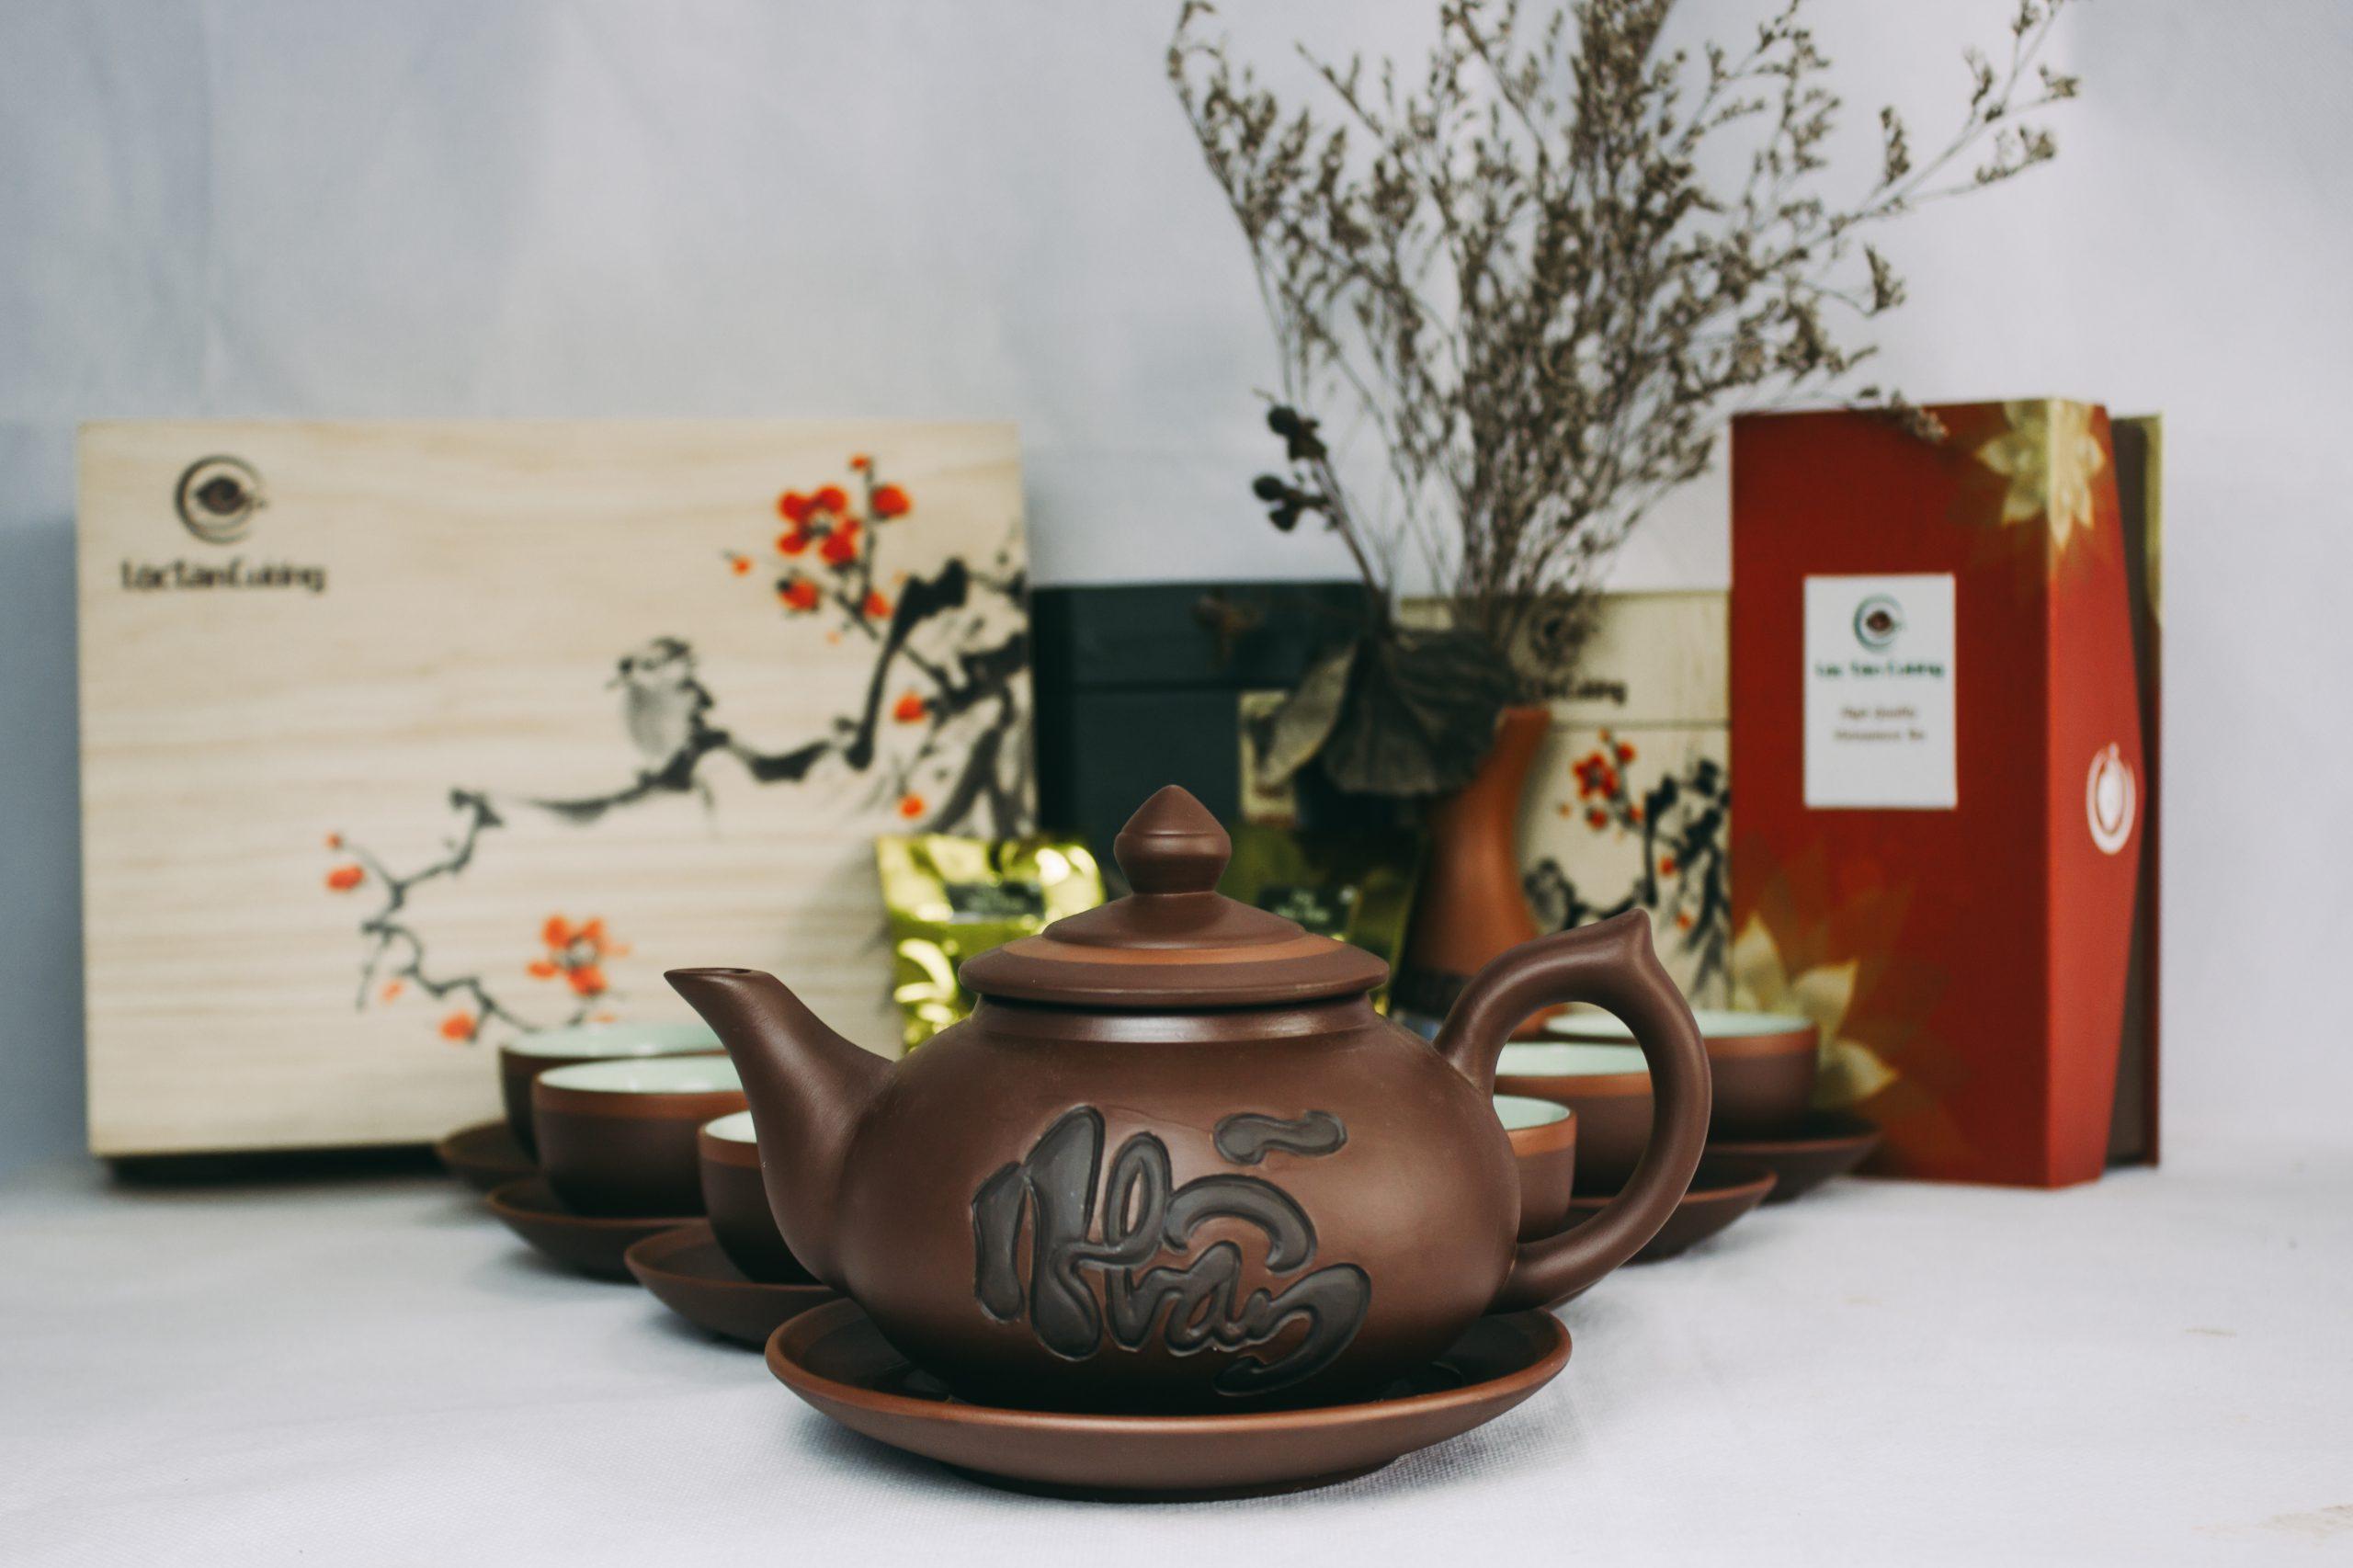 Lộc Tân Cương là đơn vị cung cấp trà vô cùng chuyên nghiệp